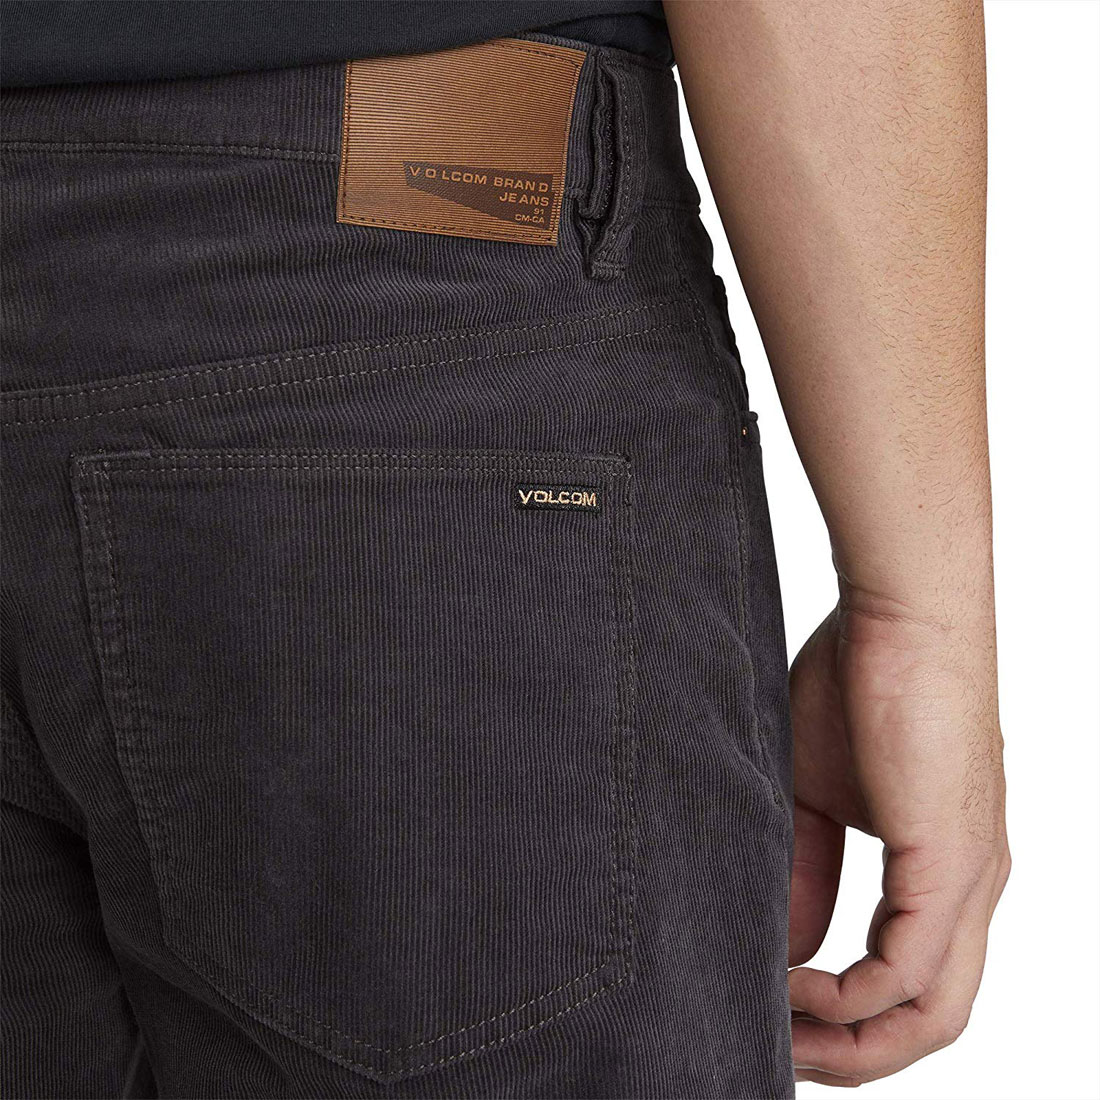 Volcom Para Hombre Calce Moderno Solucionador De Bolsillo Pantalones De Pana Asfalto Negro Calce Moderno Ebay